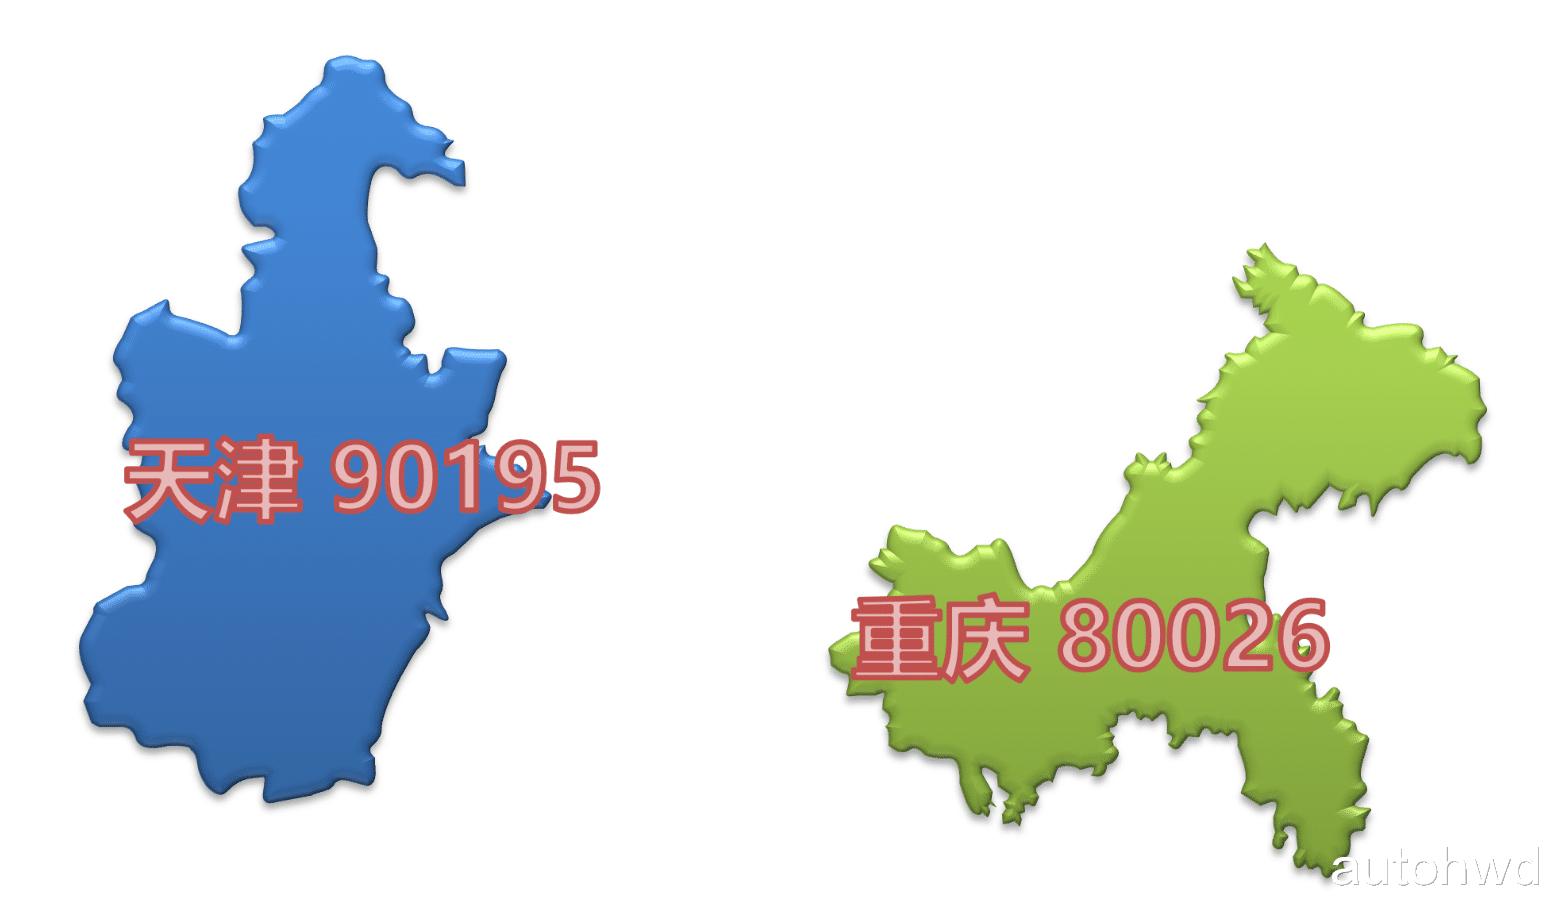 西安市人均gdp_西安市地图